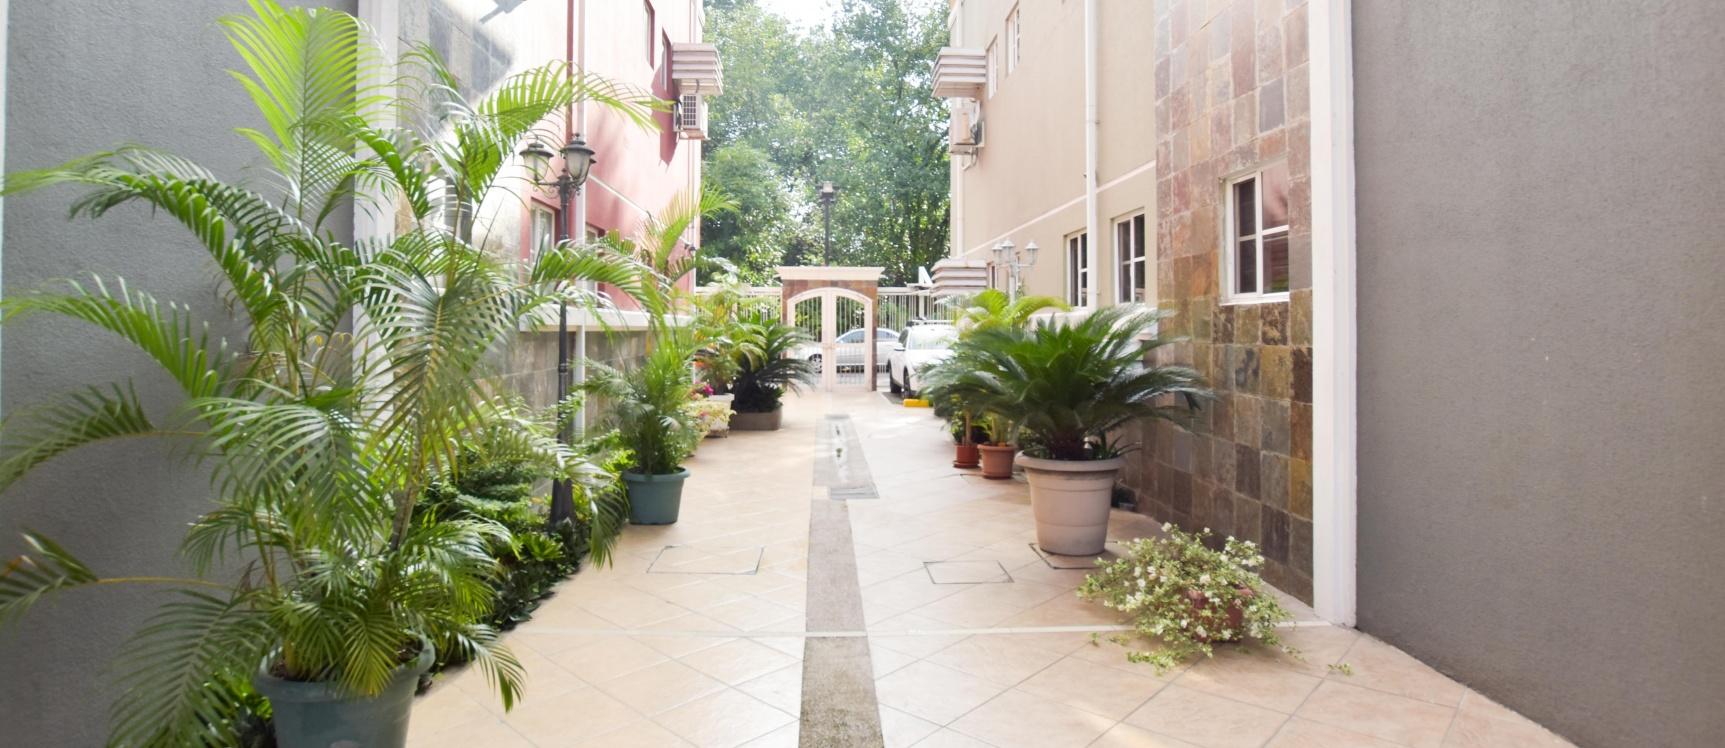 GeoBienes - Departamento en venta ubicado en Kennedy Norte - Plusvalia Guayaquil Casas de venta y alquiler Inmobiliaria Ecuador